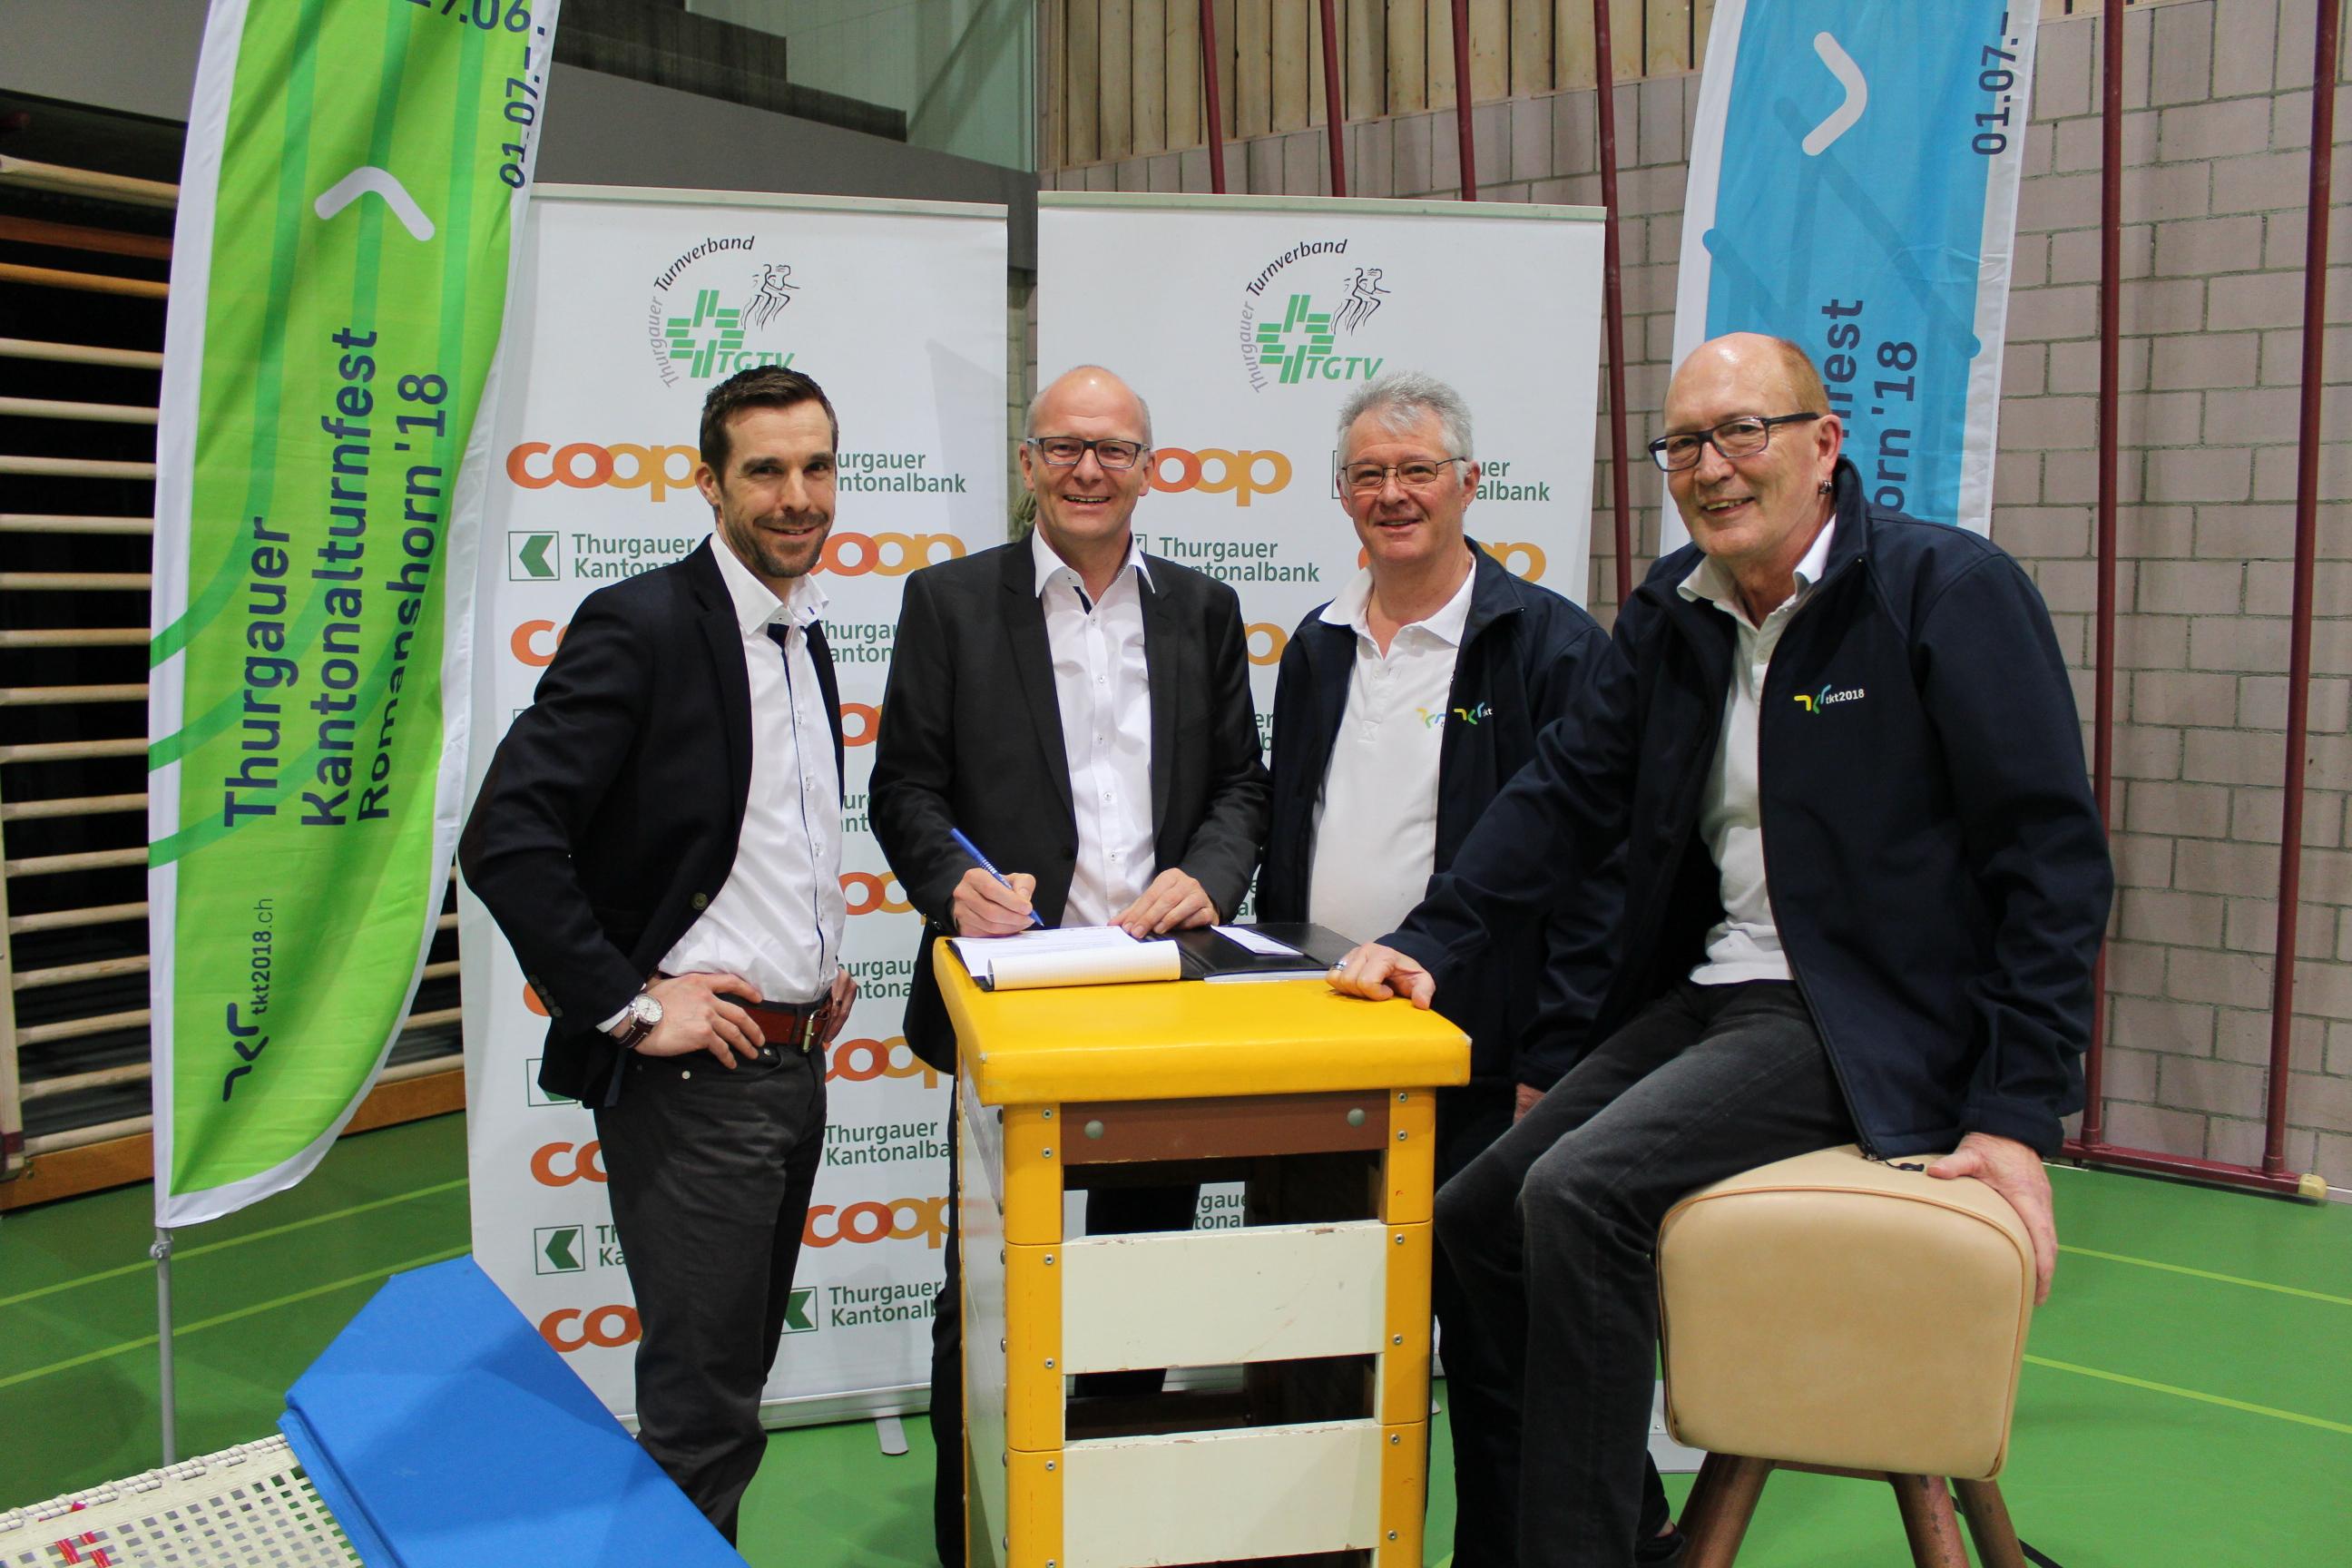 Coop und TKB unterstützen das Kantonalturnfest